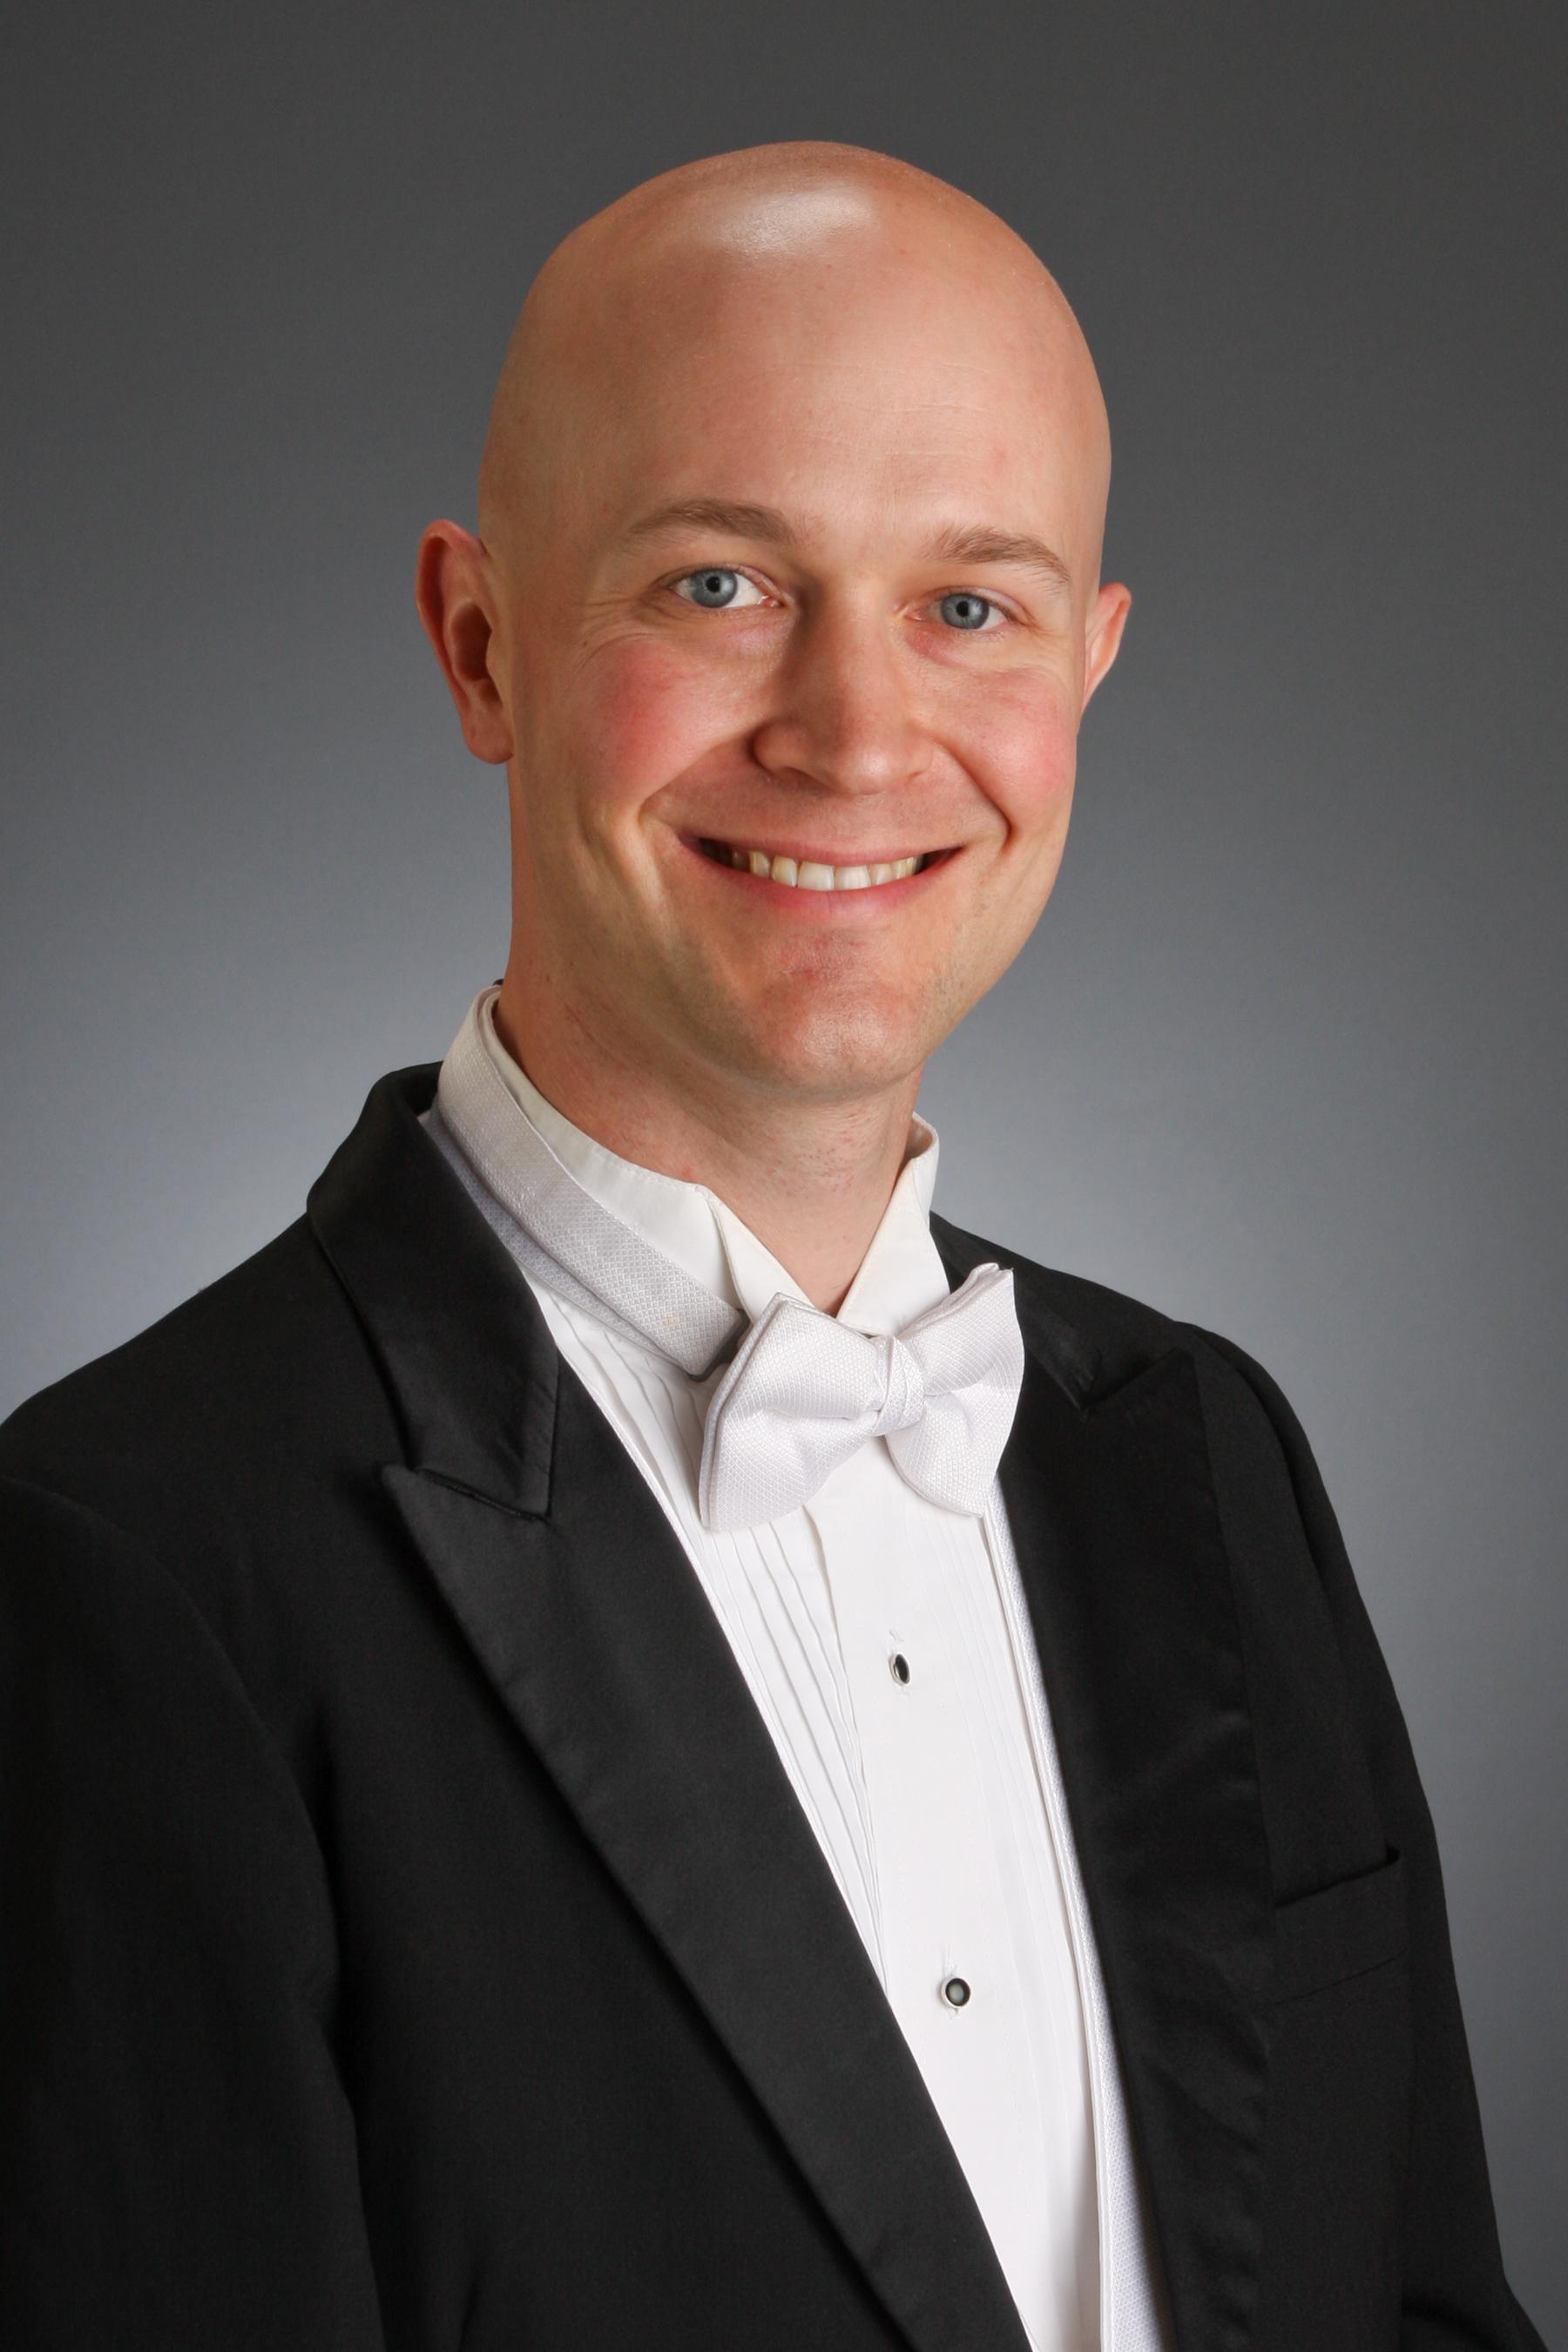 Matt Temple, Director of Bands, New Trier High School